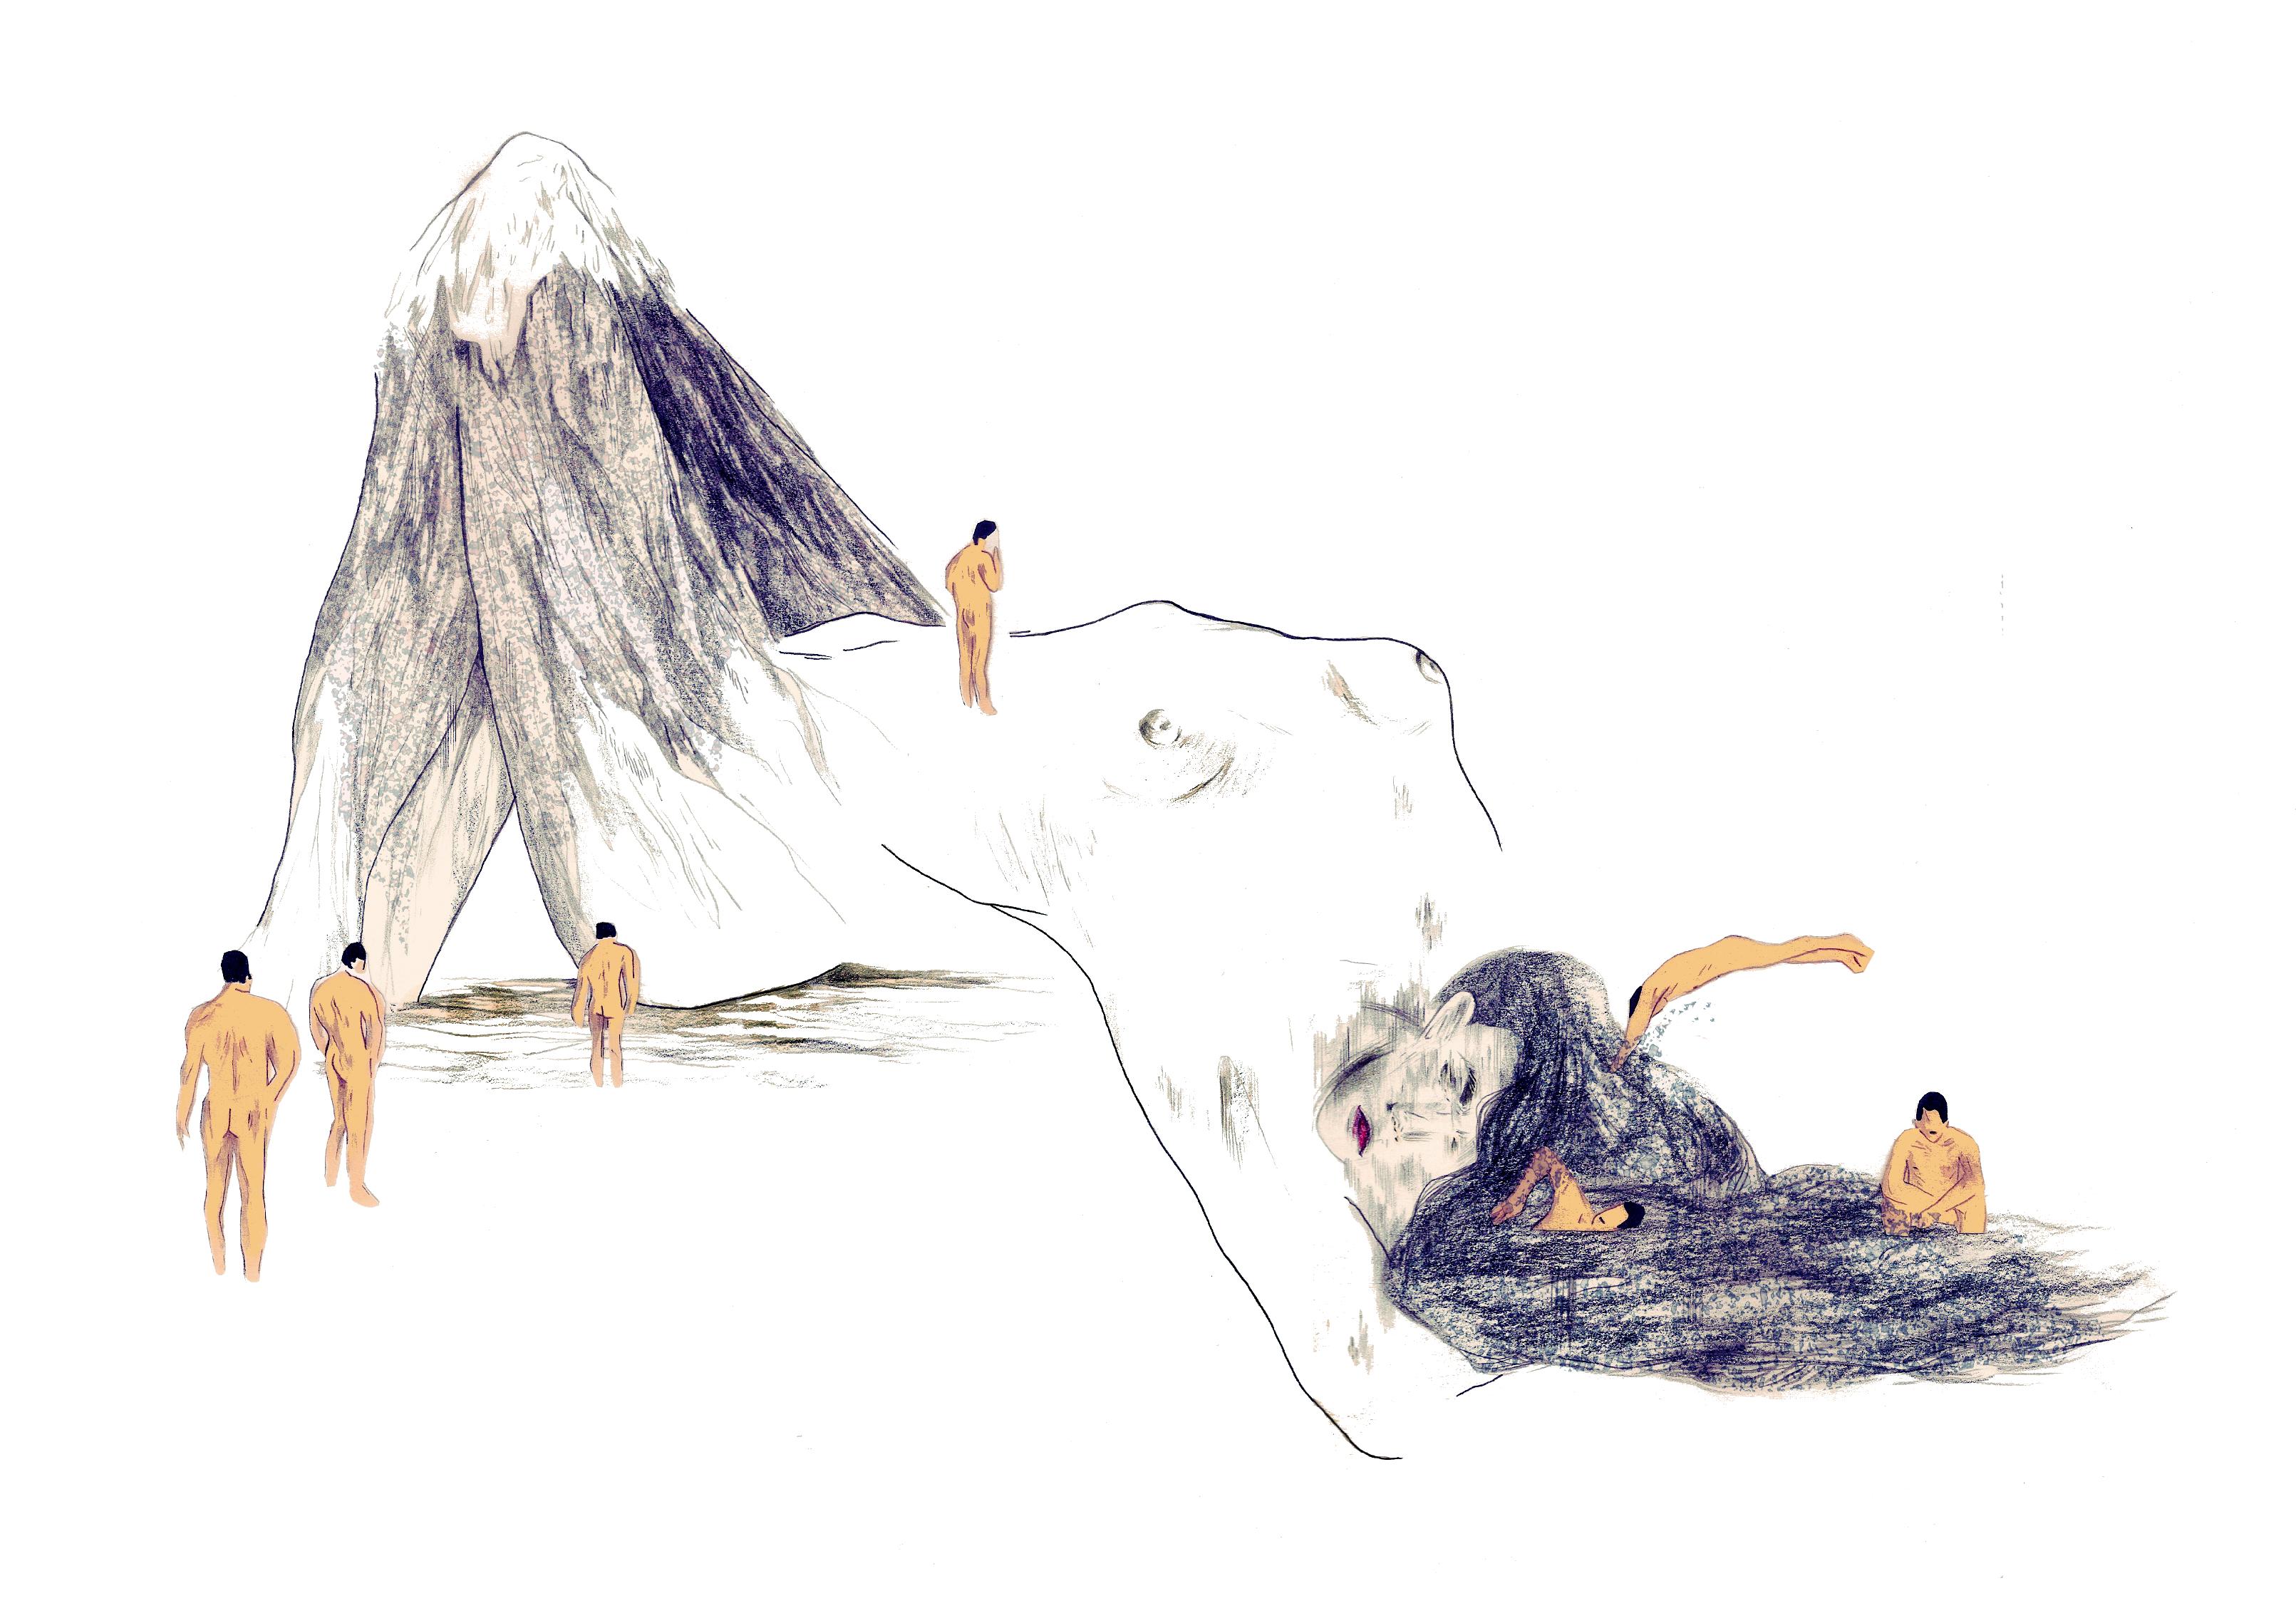 La femme paysage | GALERIE TREIZE DIX | NOÉMIE CHUST